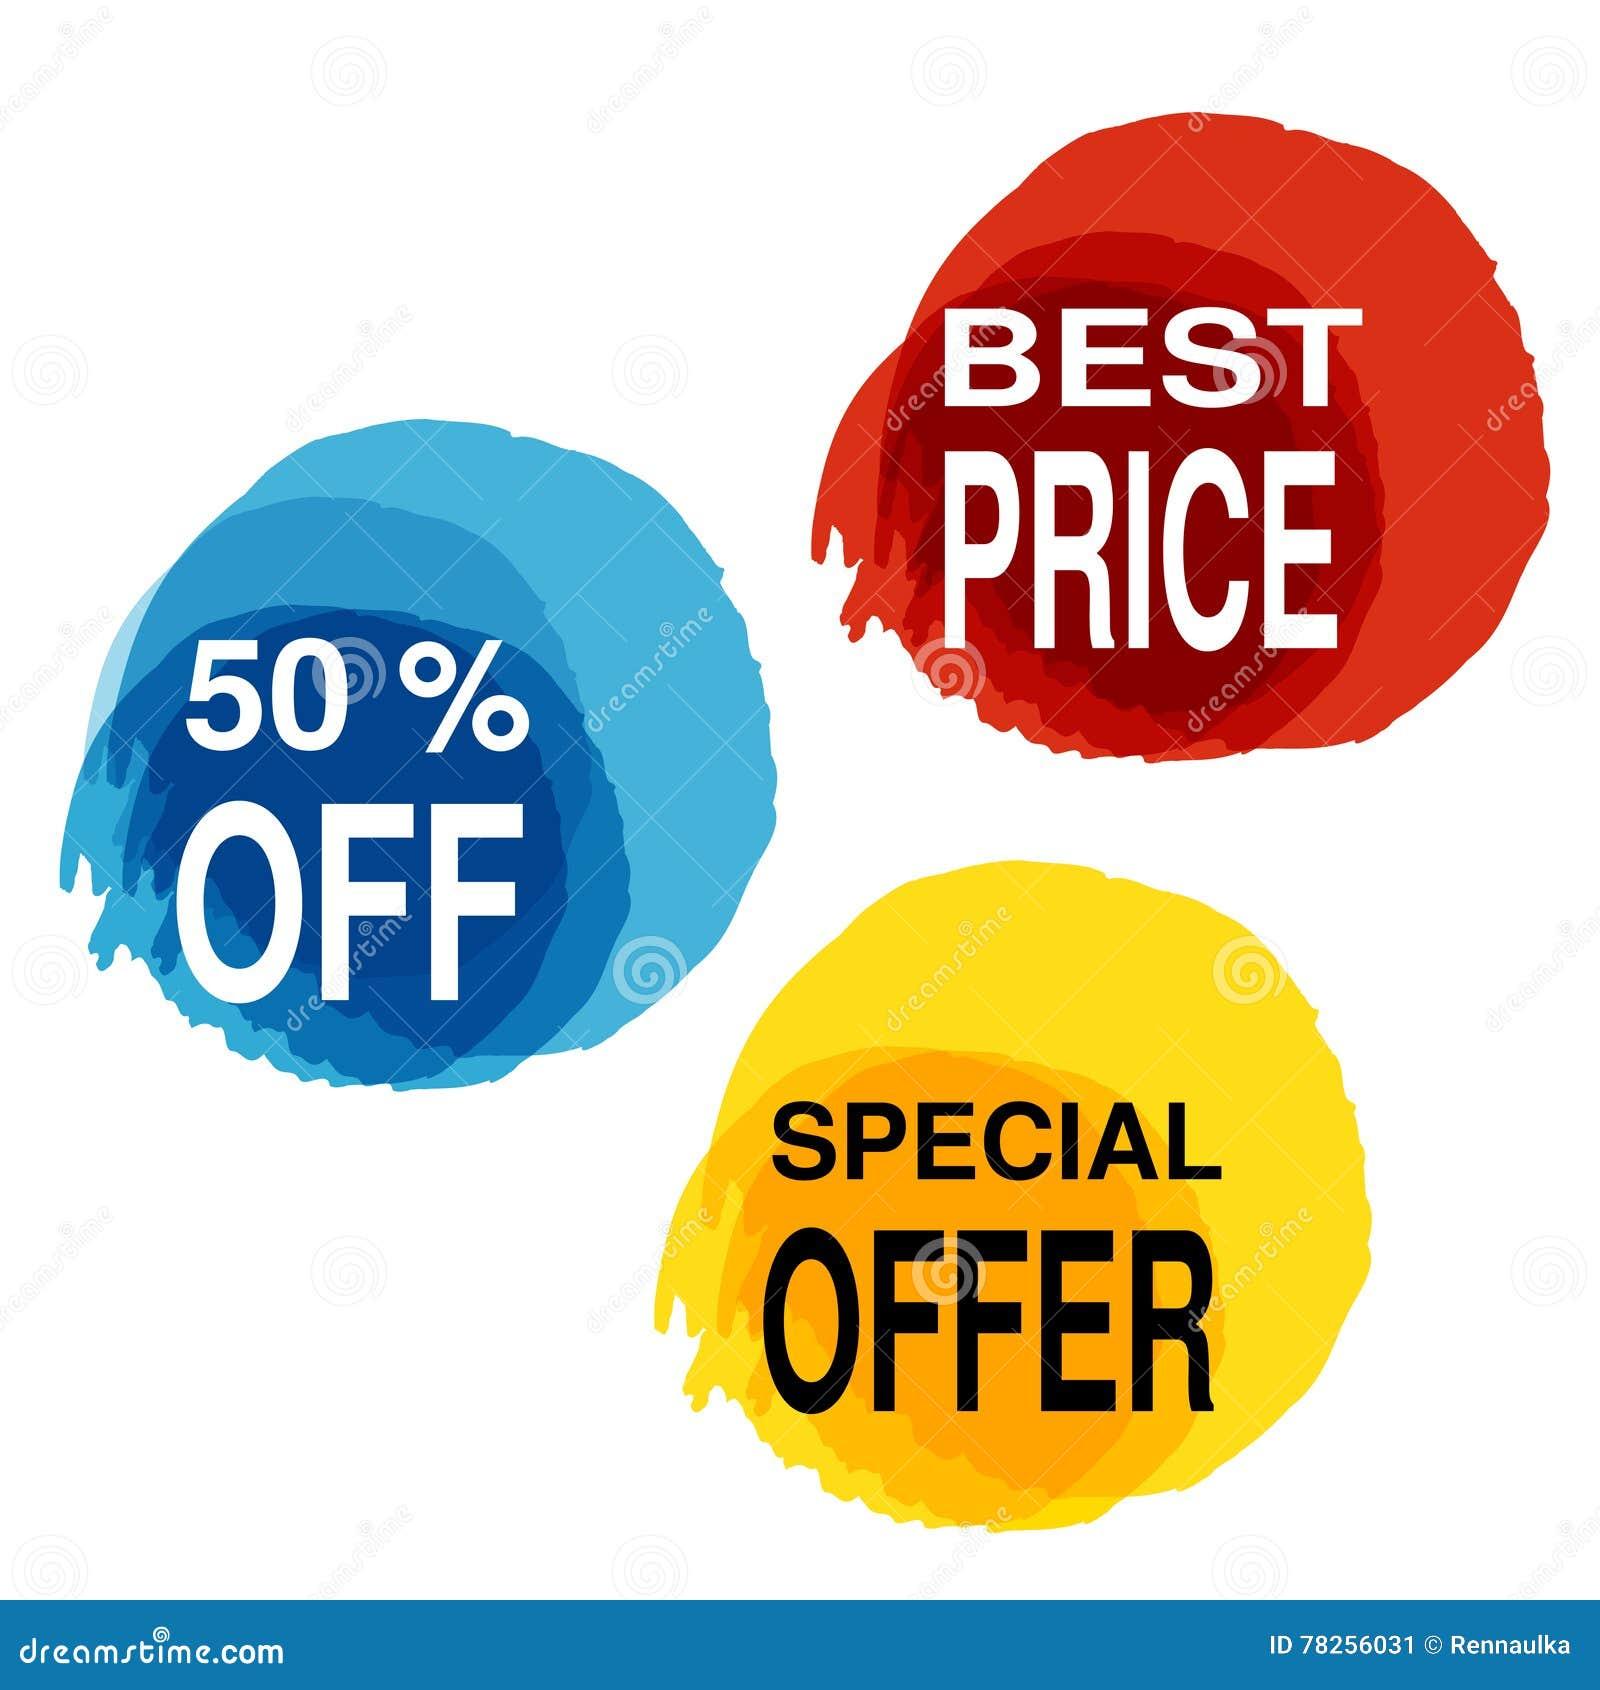 Κίτρινος, μπλε και κόκκινος λεκές με το επιχειρησιακό κείμενο Κουμπί με 50 μακριά, καλύτερη τιμή, ειδική προσφορά